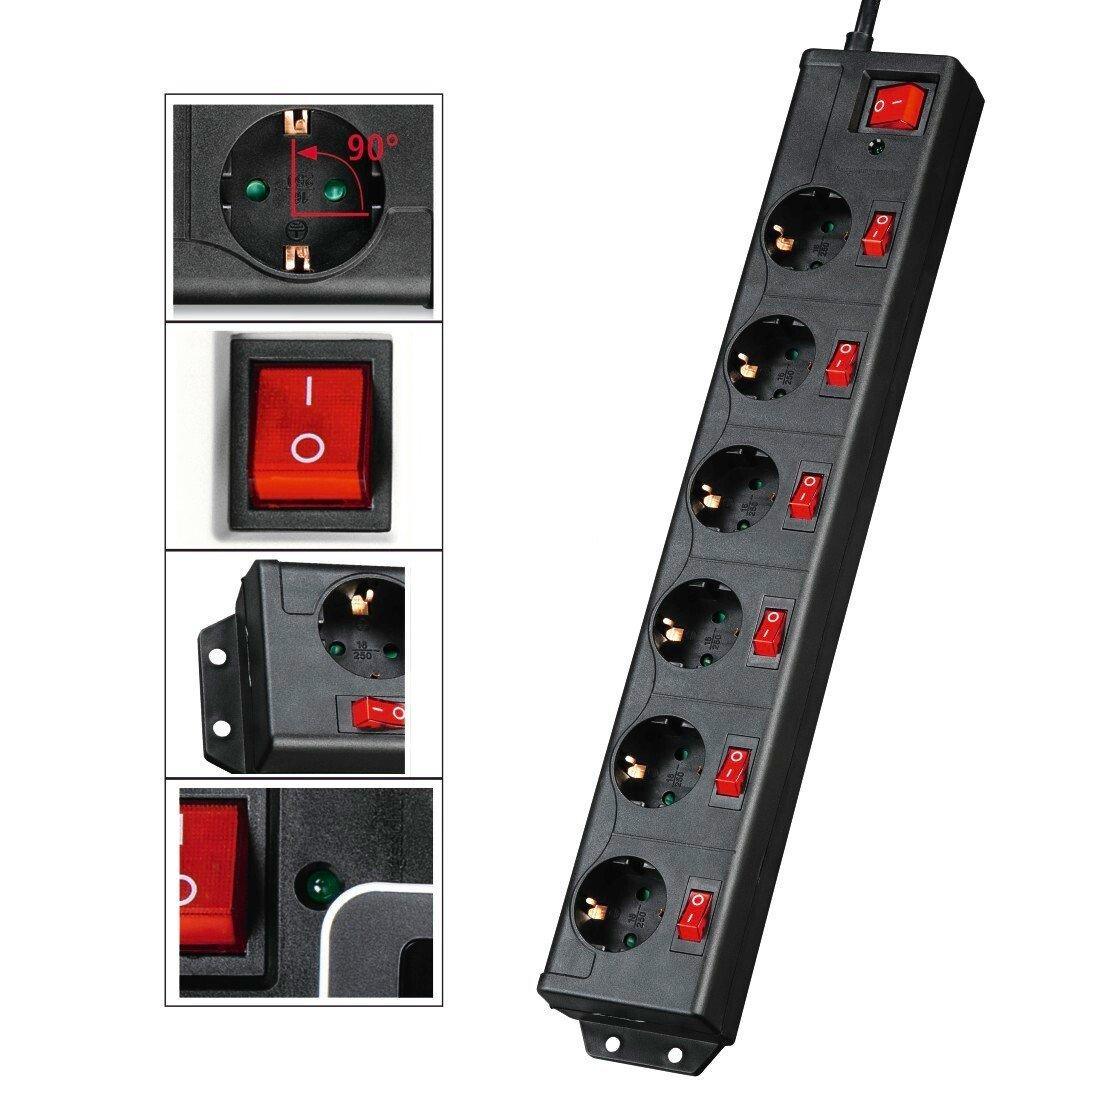 Сетевой удлинитель Hama 6хSchuko с отдельным включением каждой розетки 3G*1.5mm 1.4 m Black (00137259) фото 2